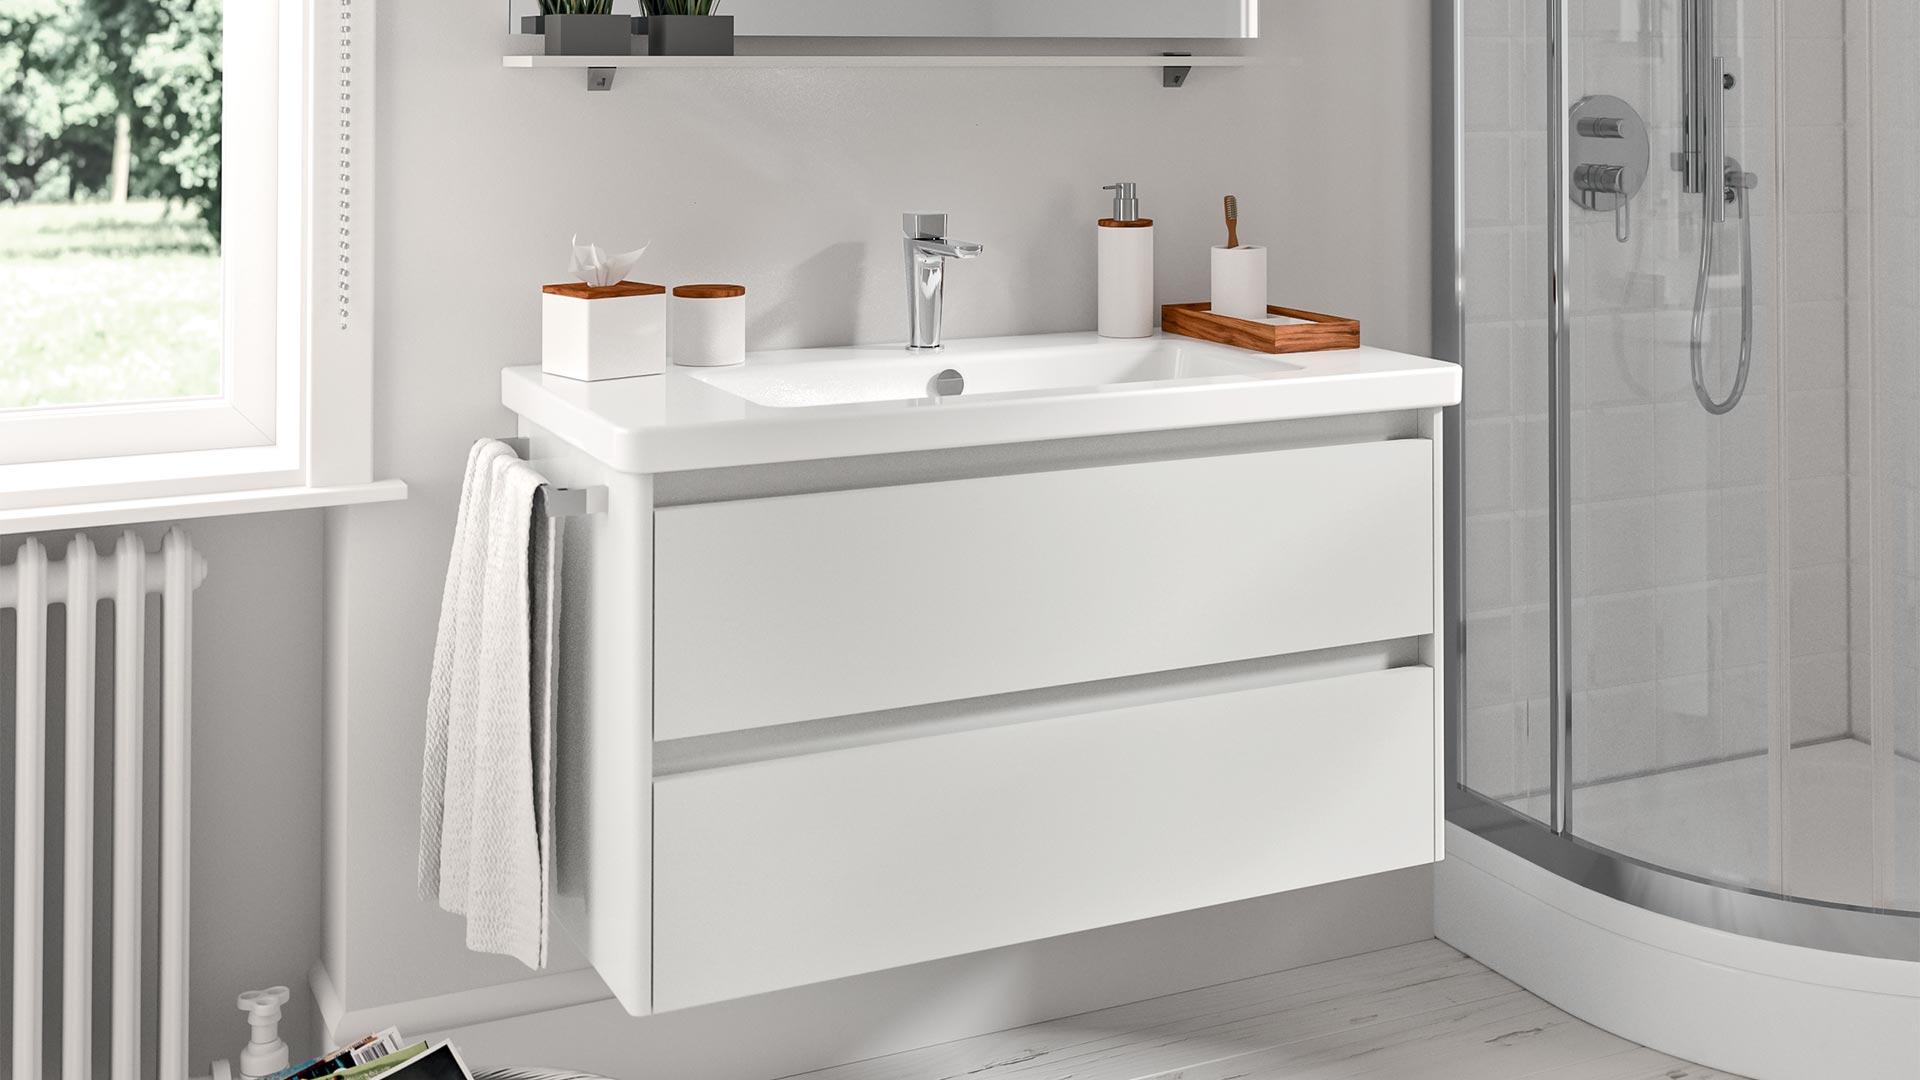 Le 7 idee più originali per arredare un bagno piccolo